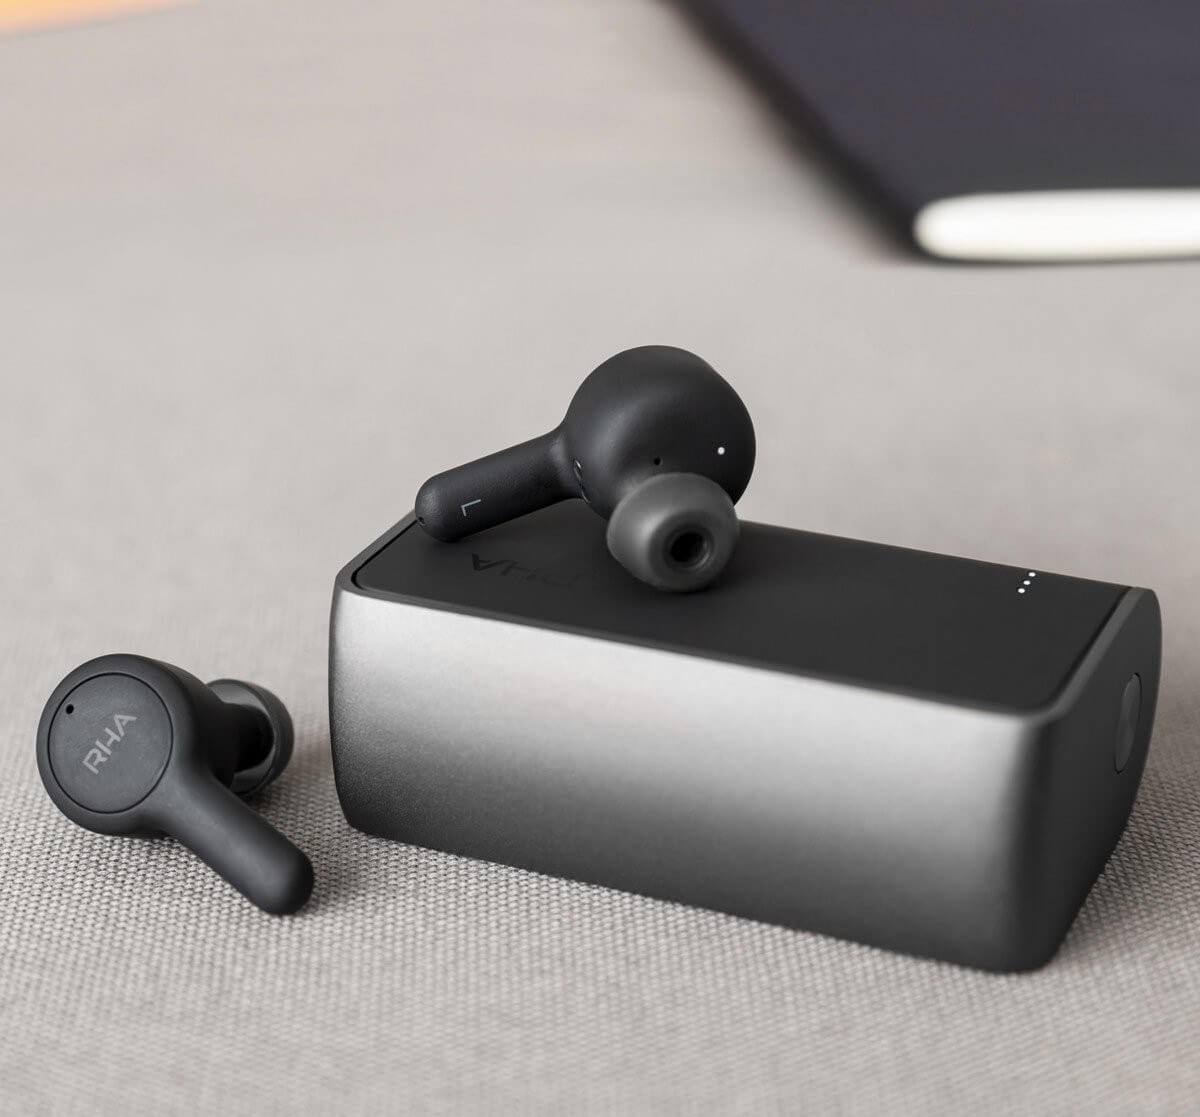 rha trueconnect true wireless earbuds